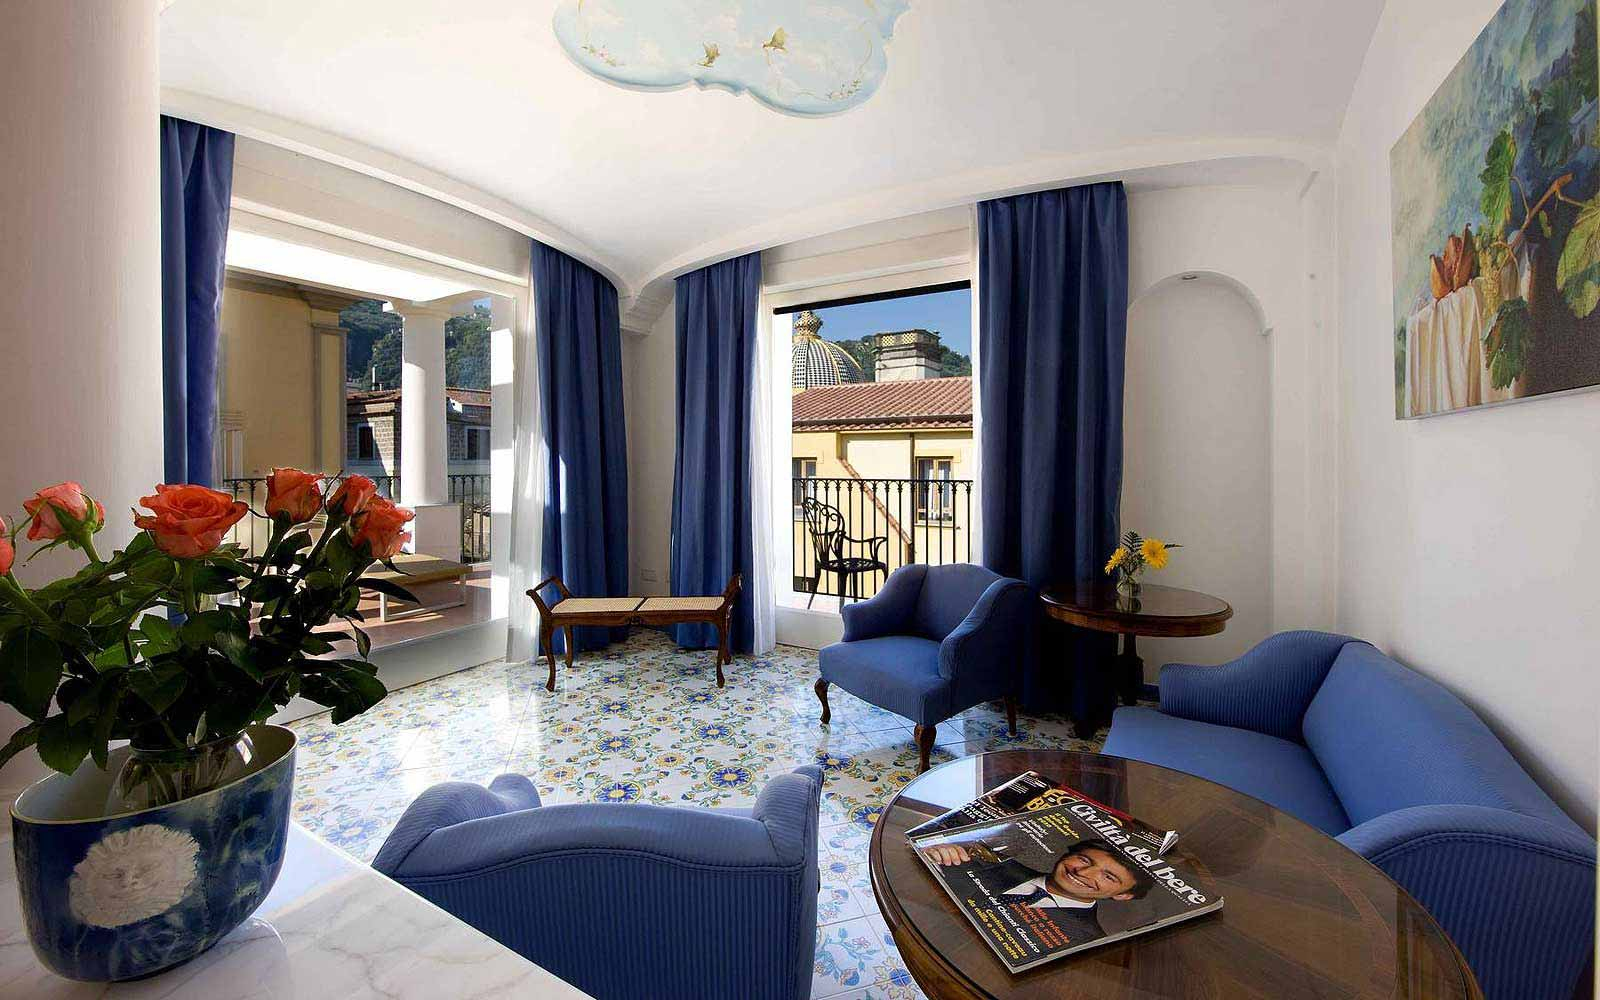 Junior Suite at the Grand Hotel La Favorita